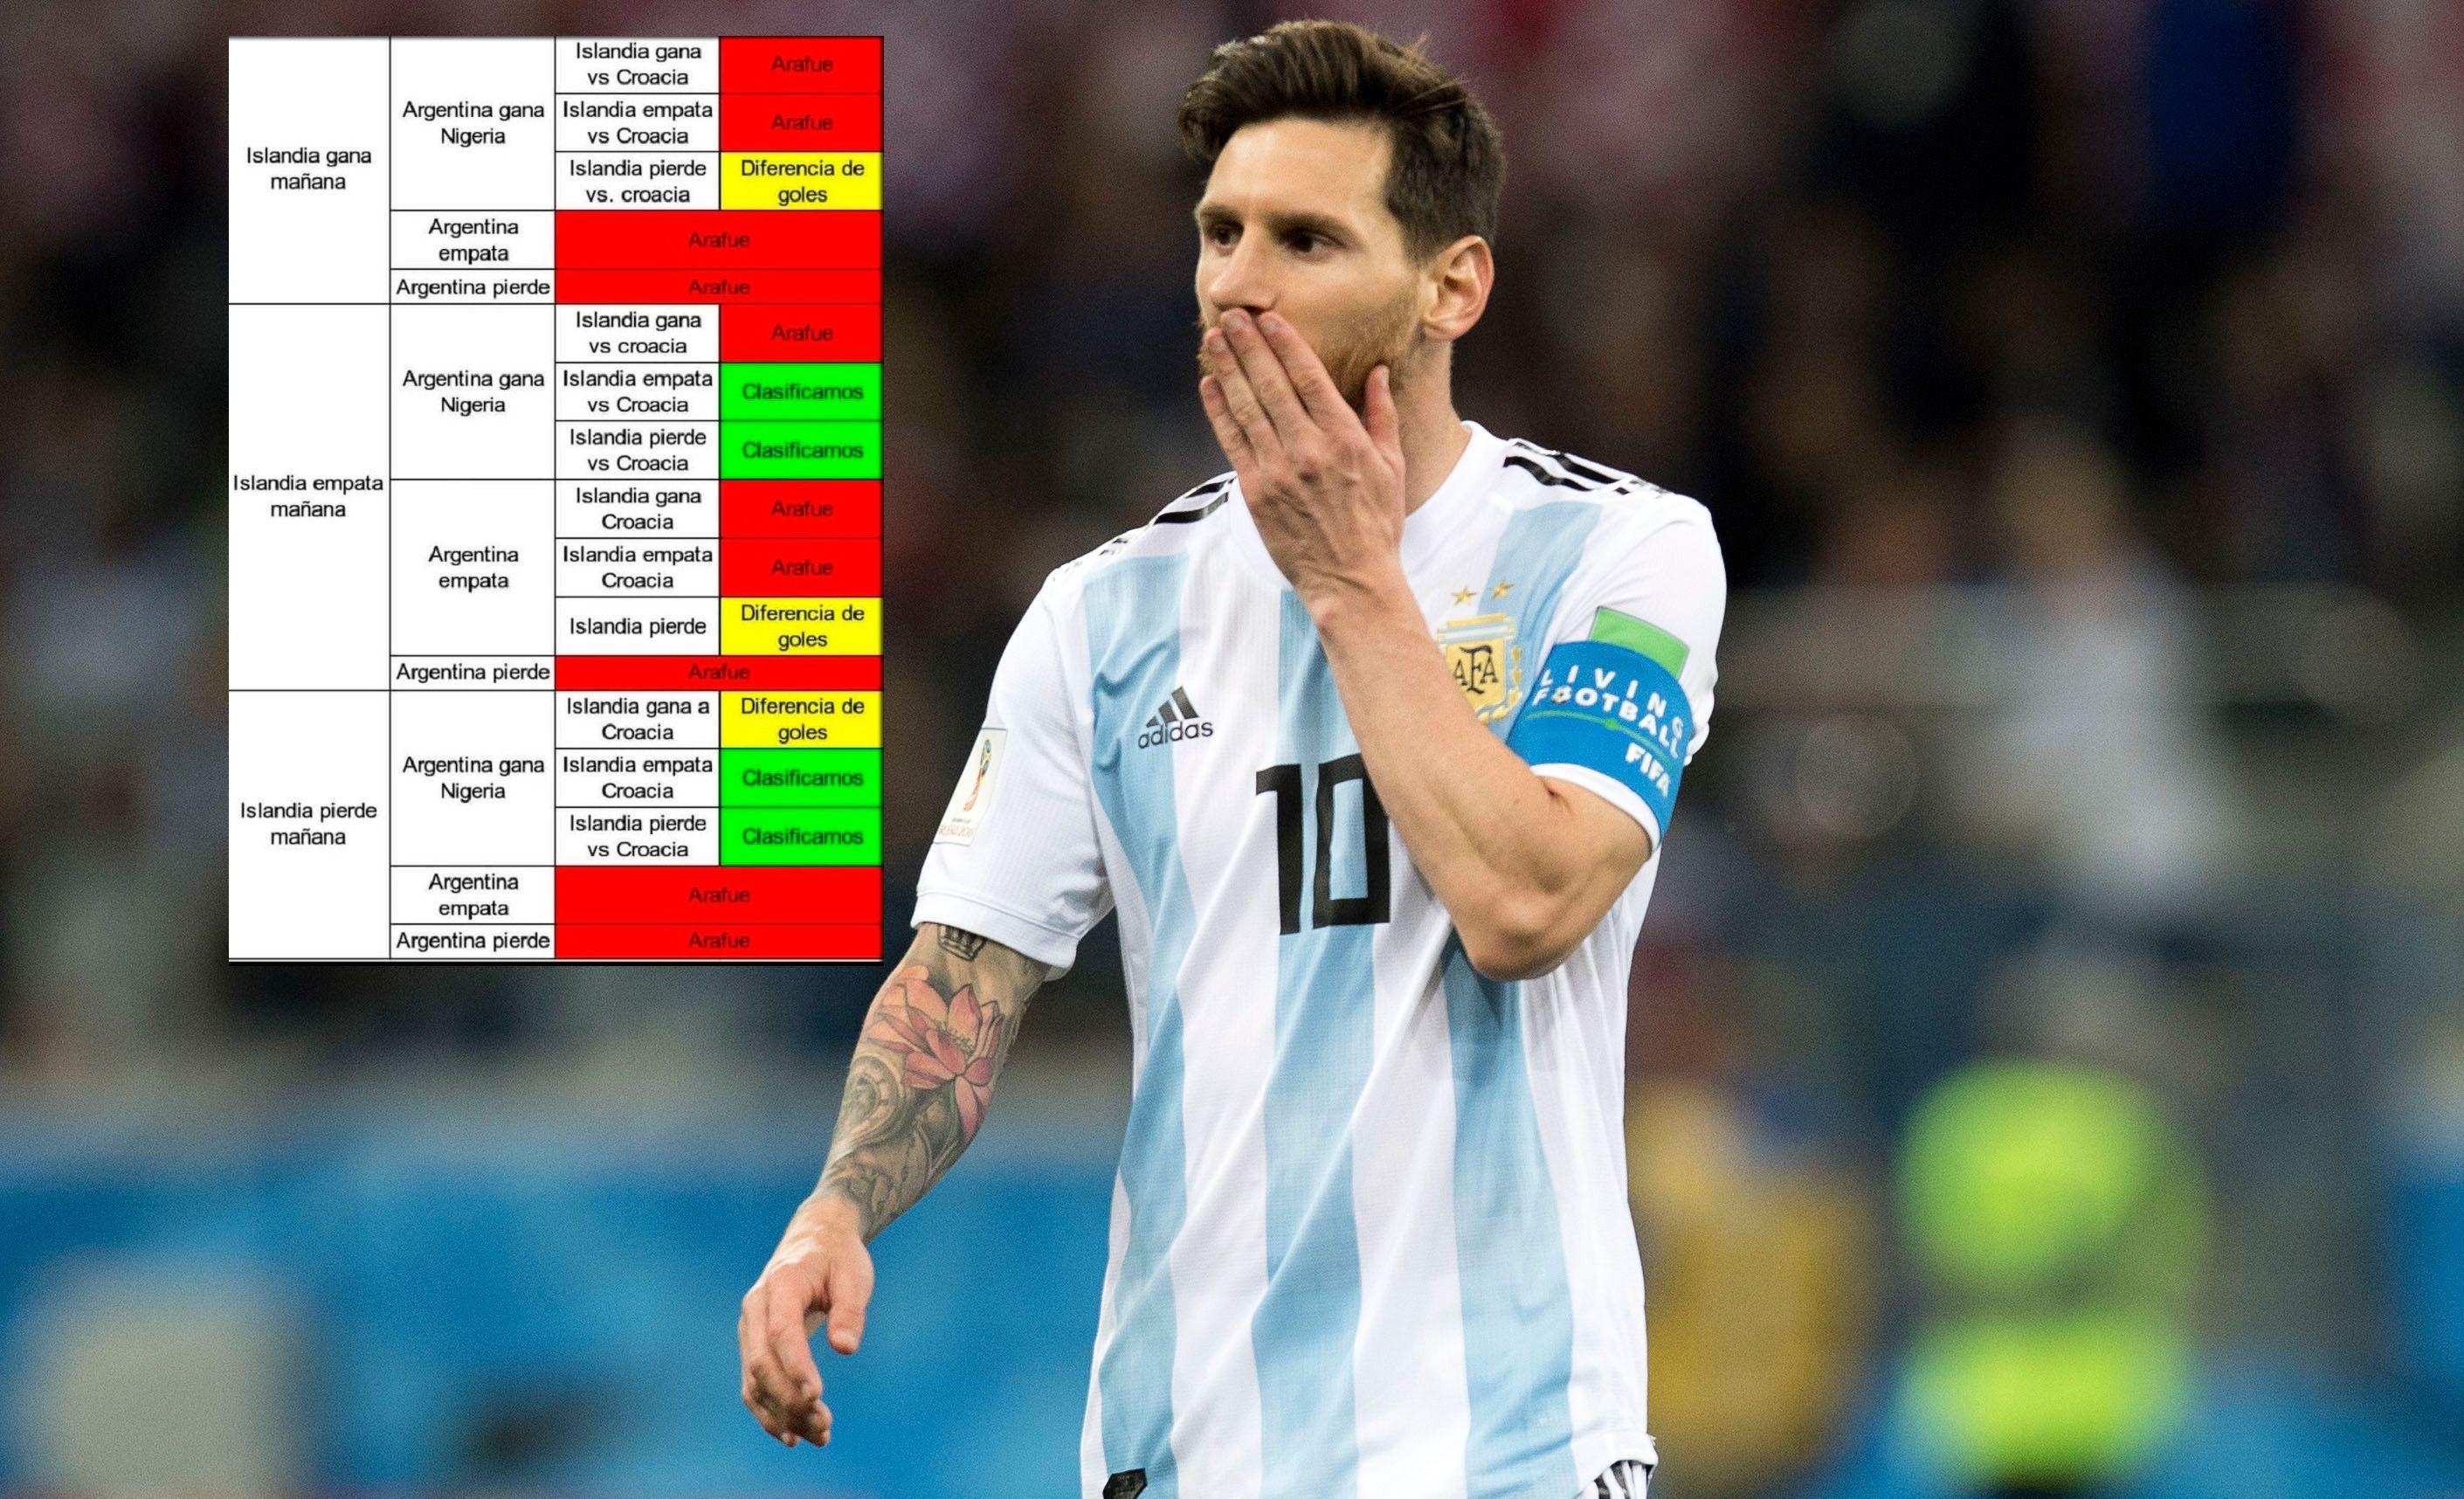 Hasta Messi habrá mirado el cuadro con todas las variantes